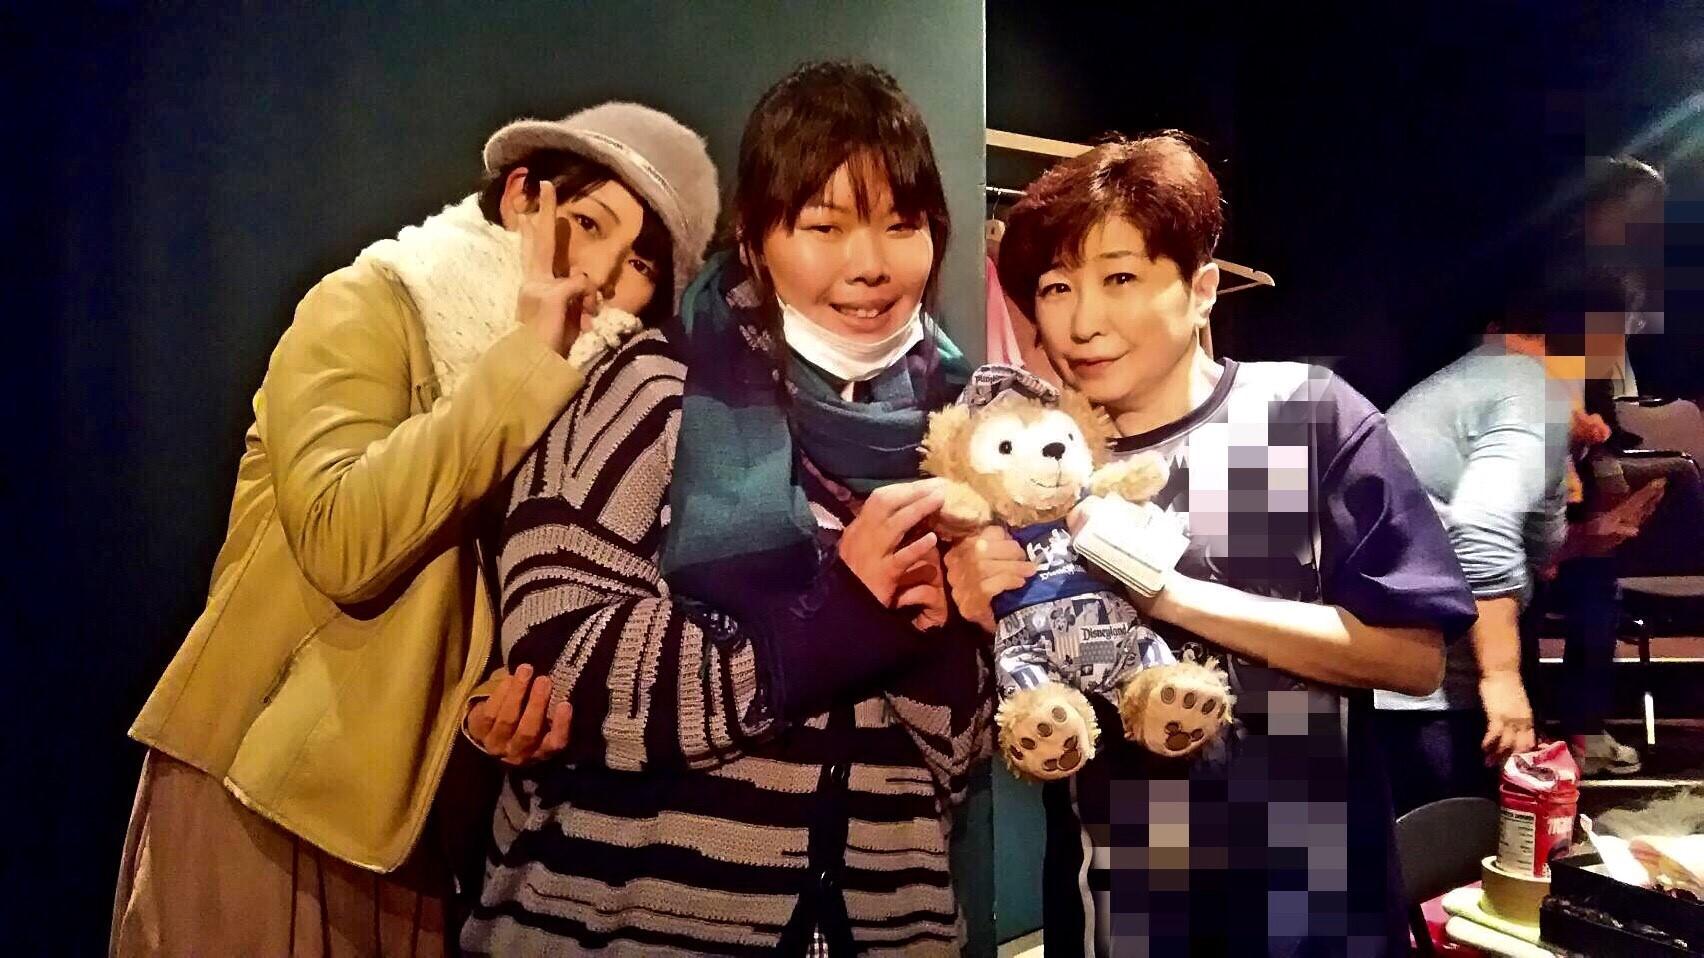 スセリ☆台本劇場13 新作☆コント劇場+α_a0163623_21534605.jpg